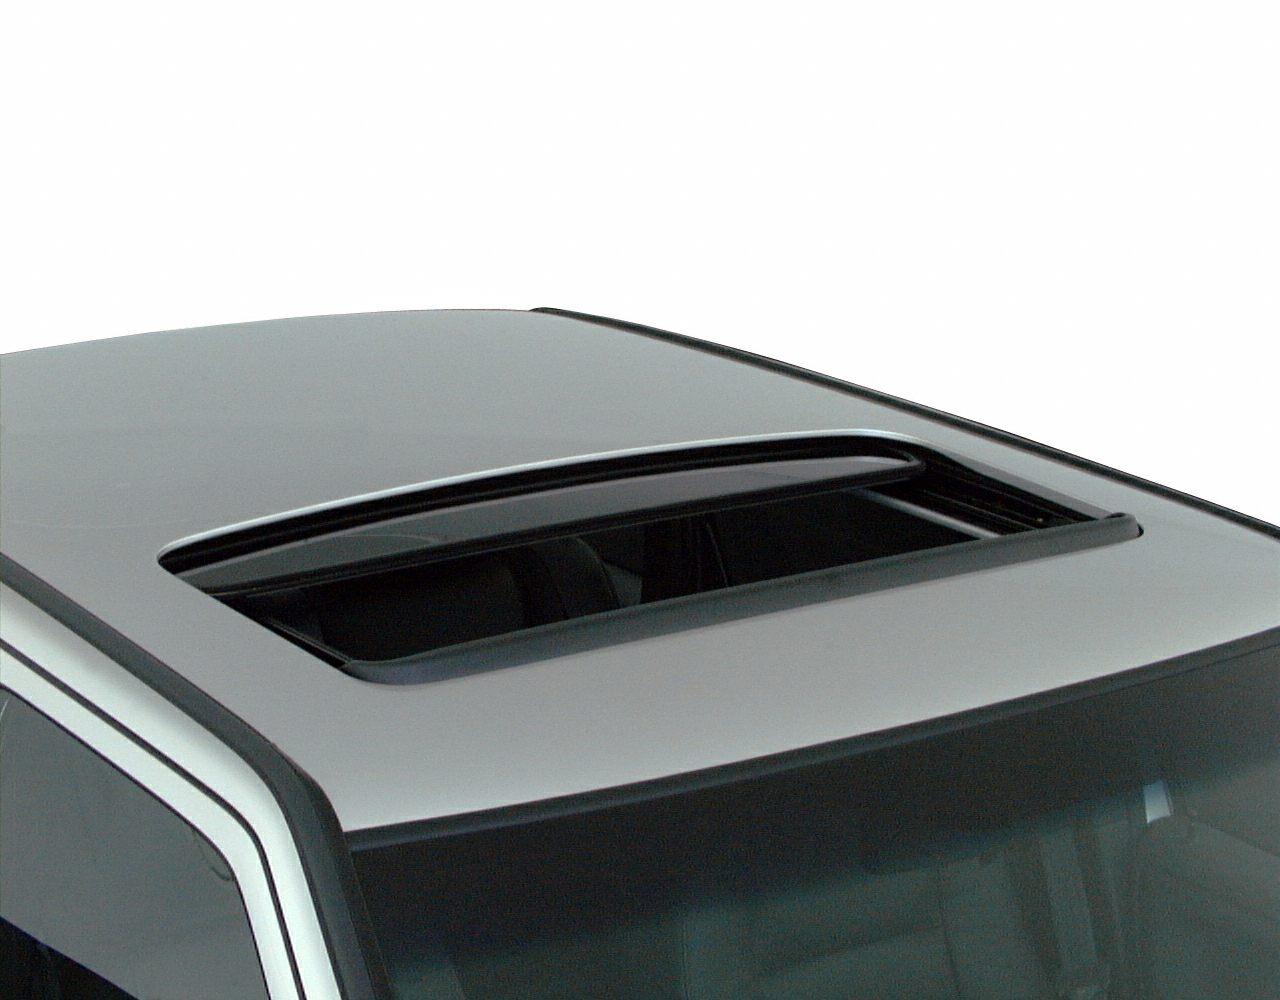 2000 Volvo S70 Exterior Photo